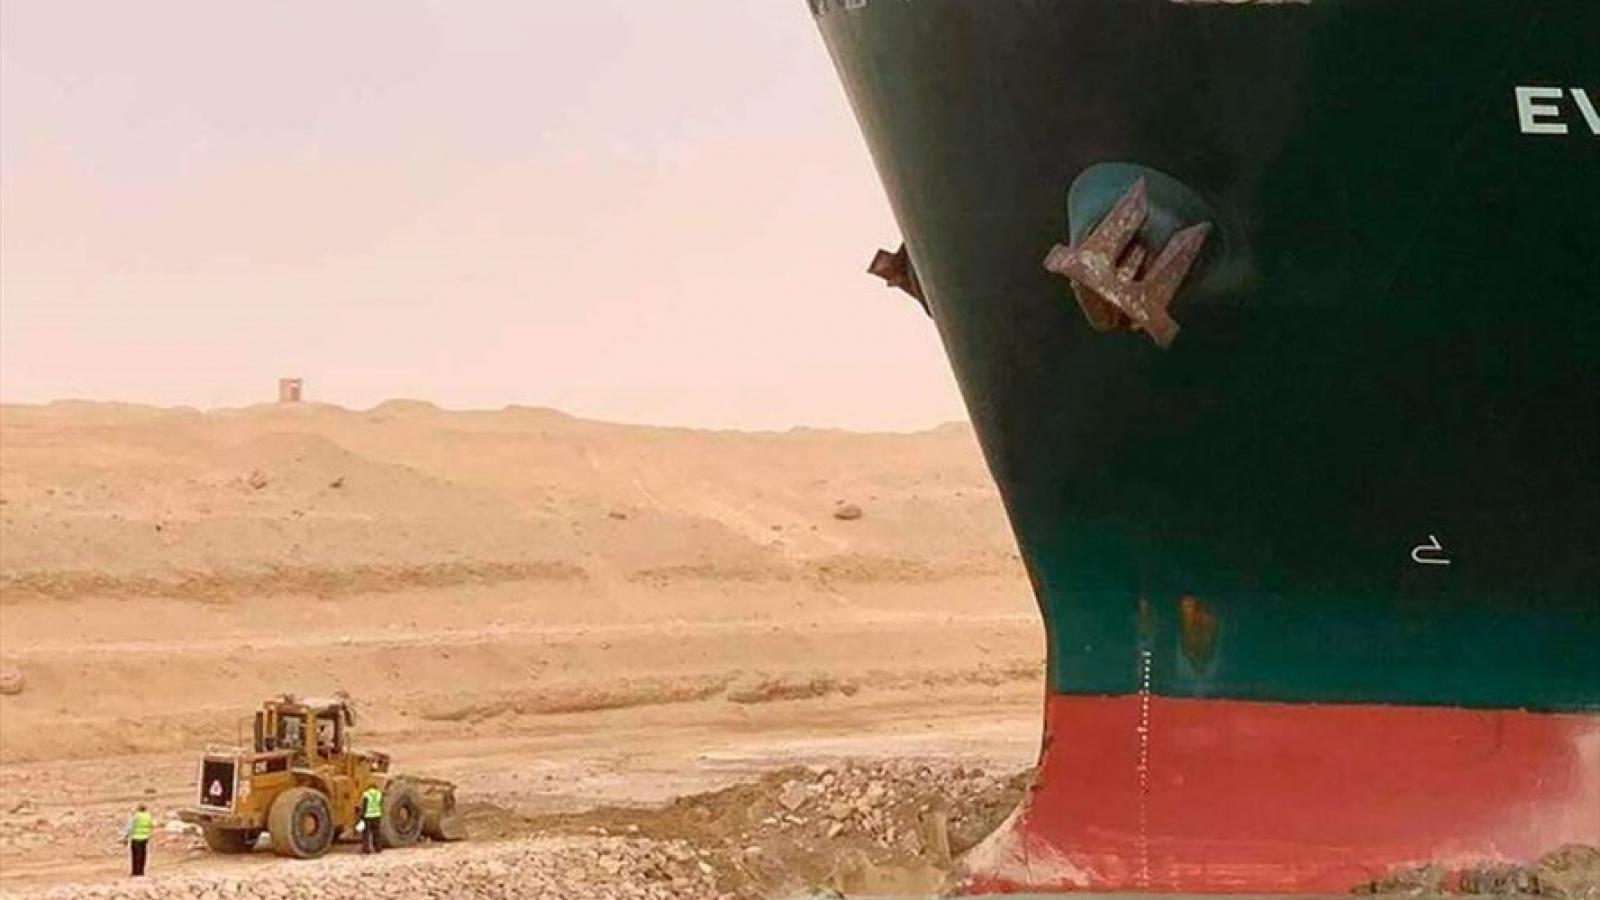 Vụ tắc nghẽn kênh đào Suez đặt ra thách thức lớn đối với an ninh và kinh tế toàn cầu